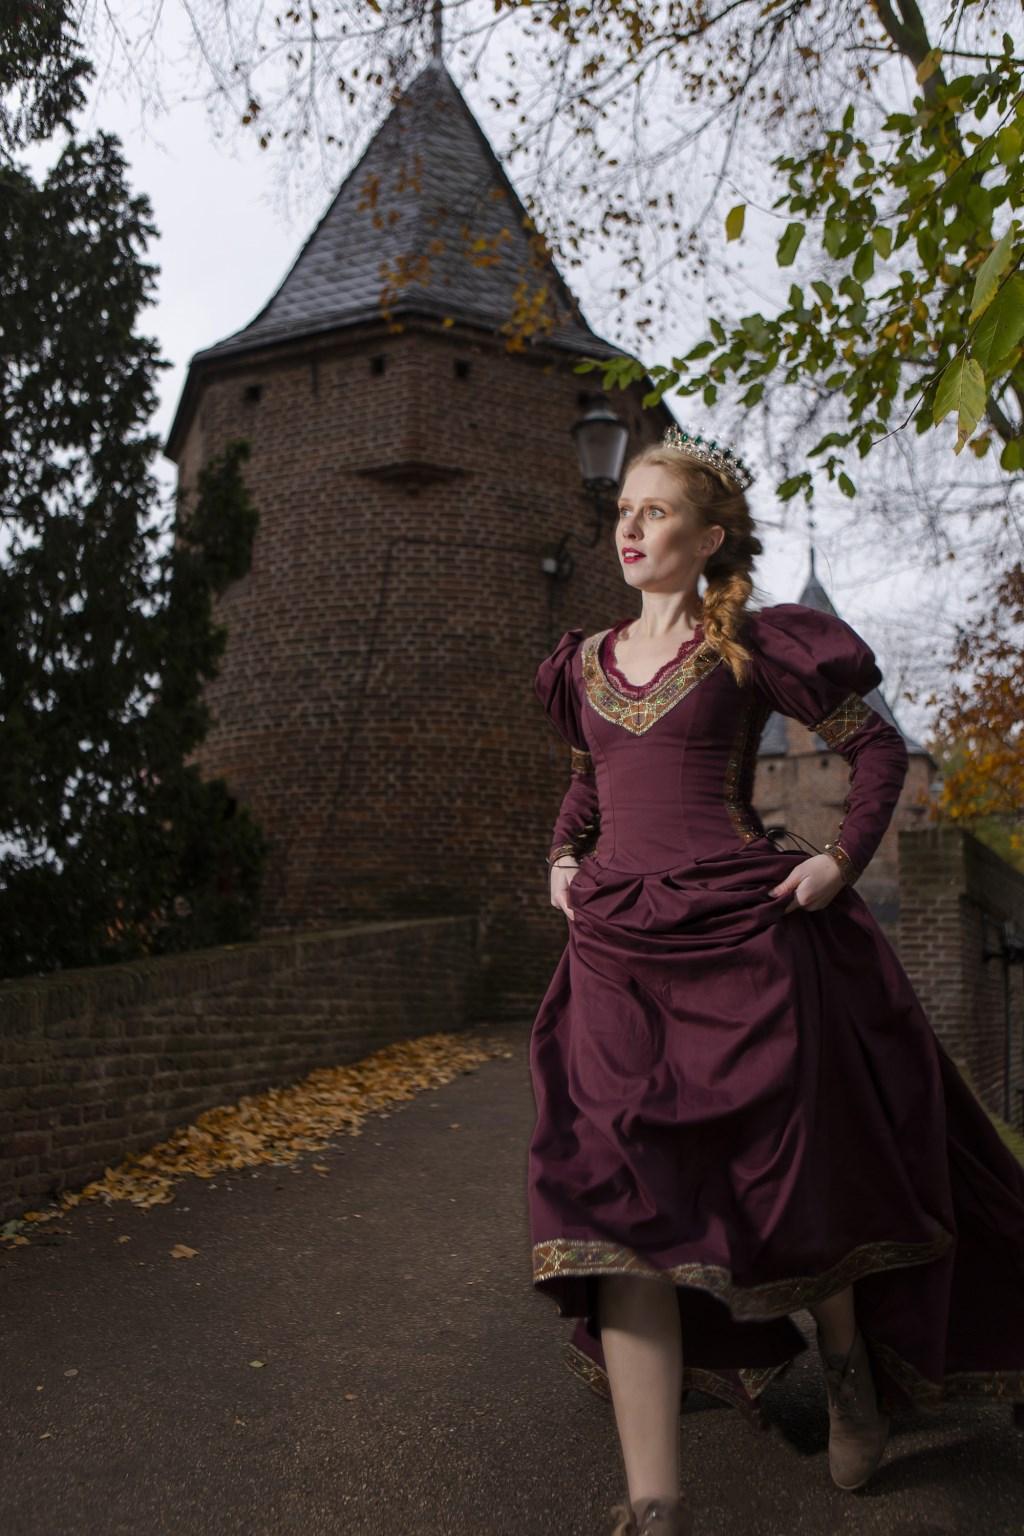 Het kinderkasteel vertelt het verhaal van een prinses Foto: A. MeesterAMPhot.nl © Baruitgeverij